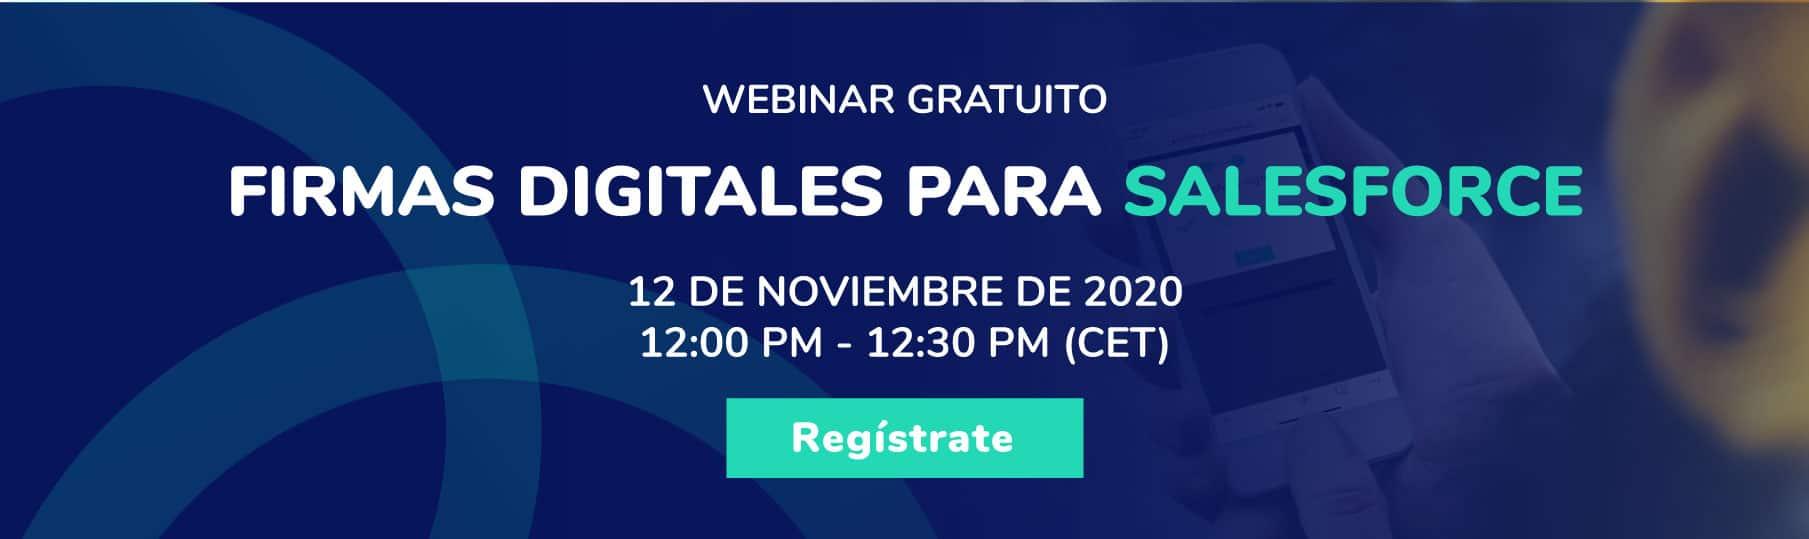 Seminario web - eSignatures para Salesforce - Banner